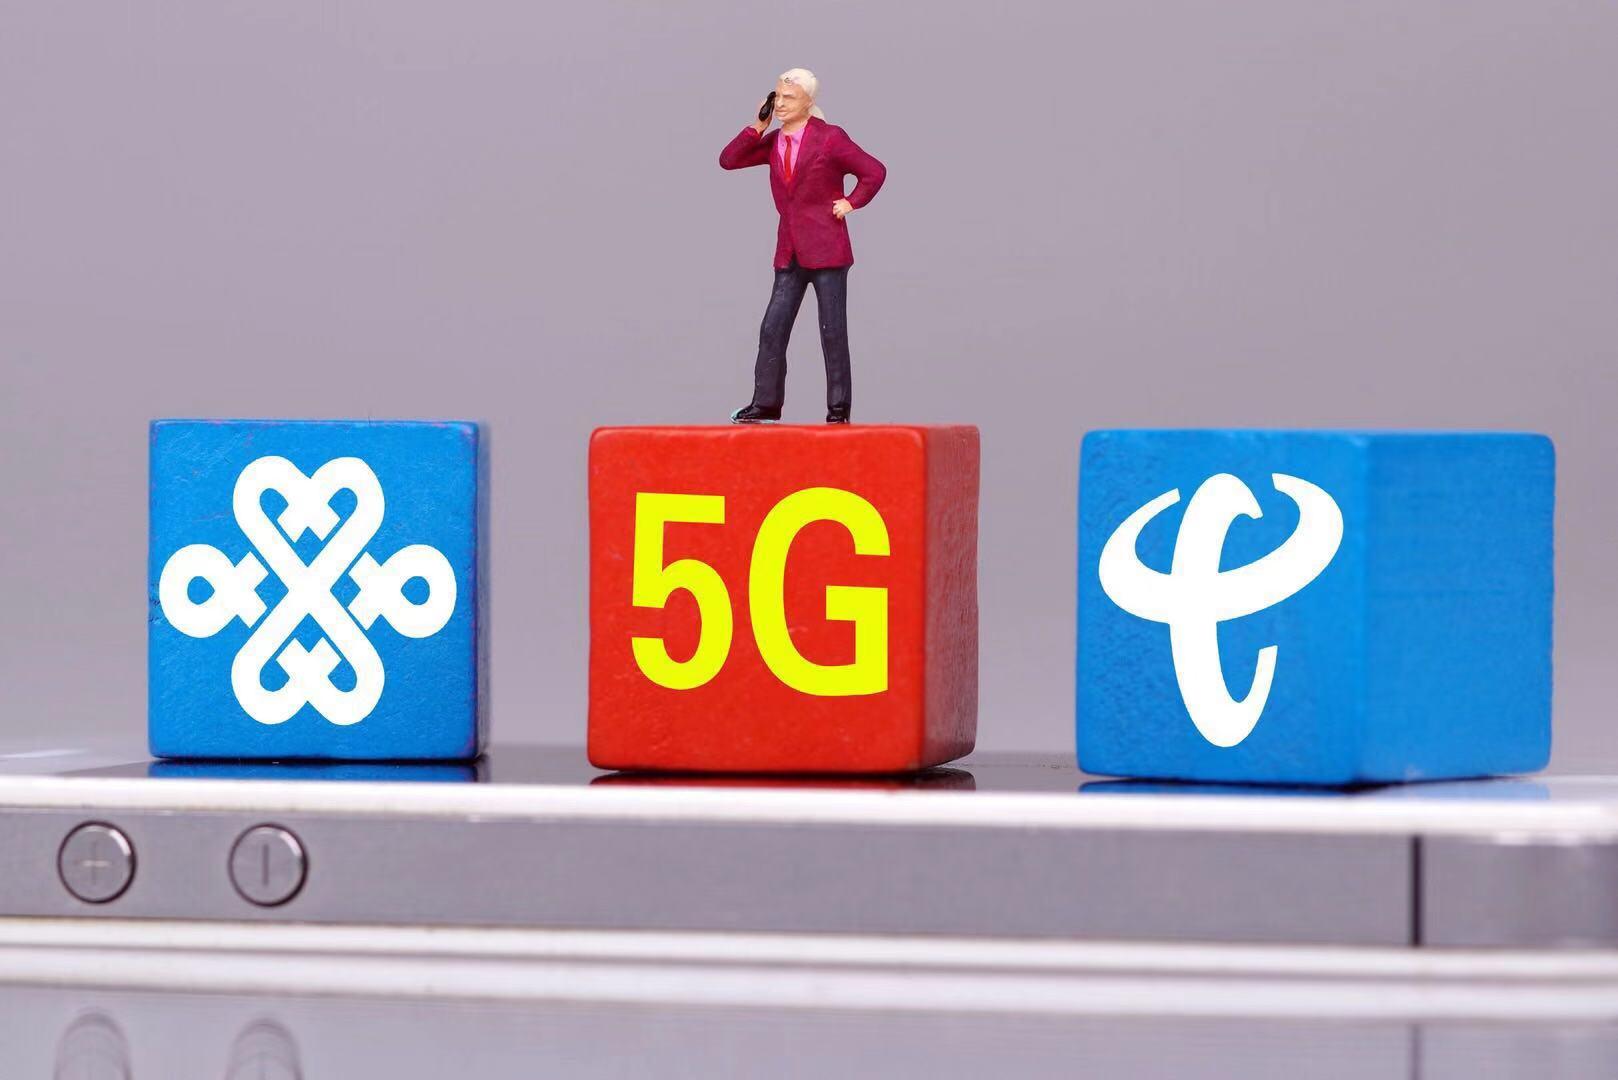 联通电信联手展开5G突围,省下4千亿后能否赶超移动?